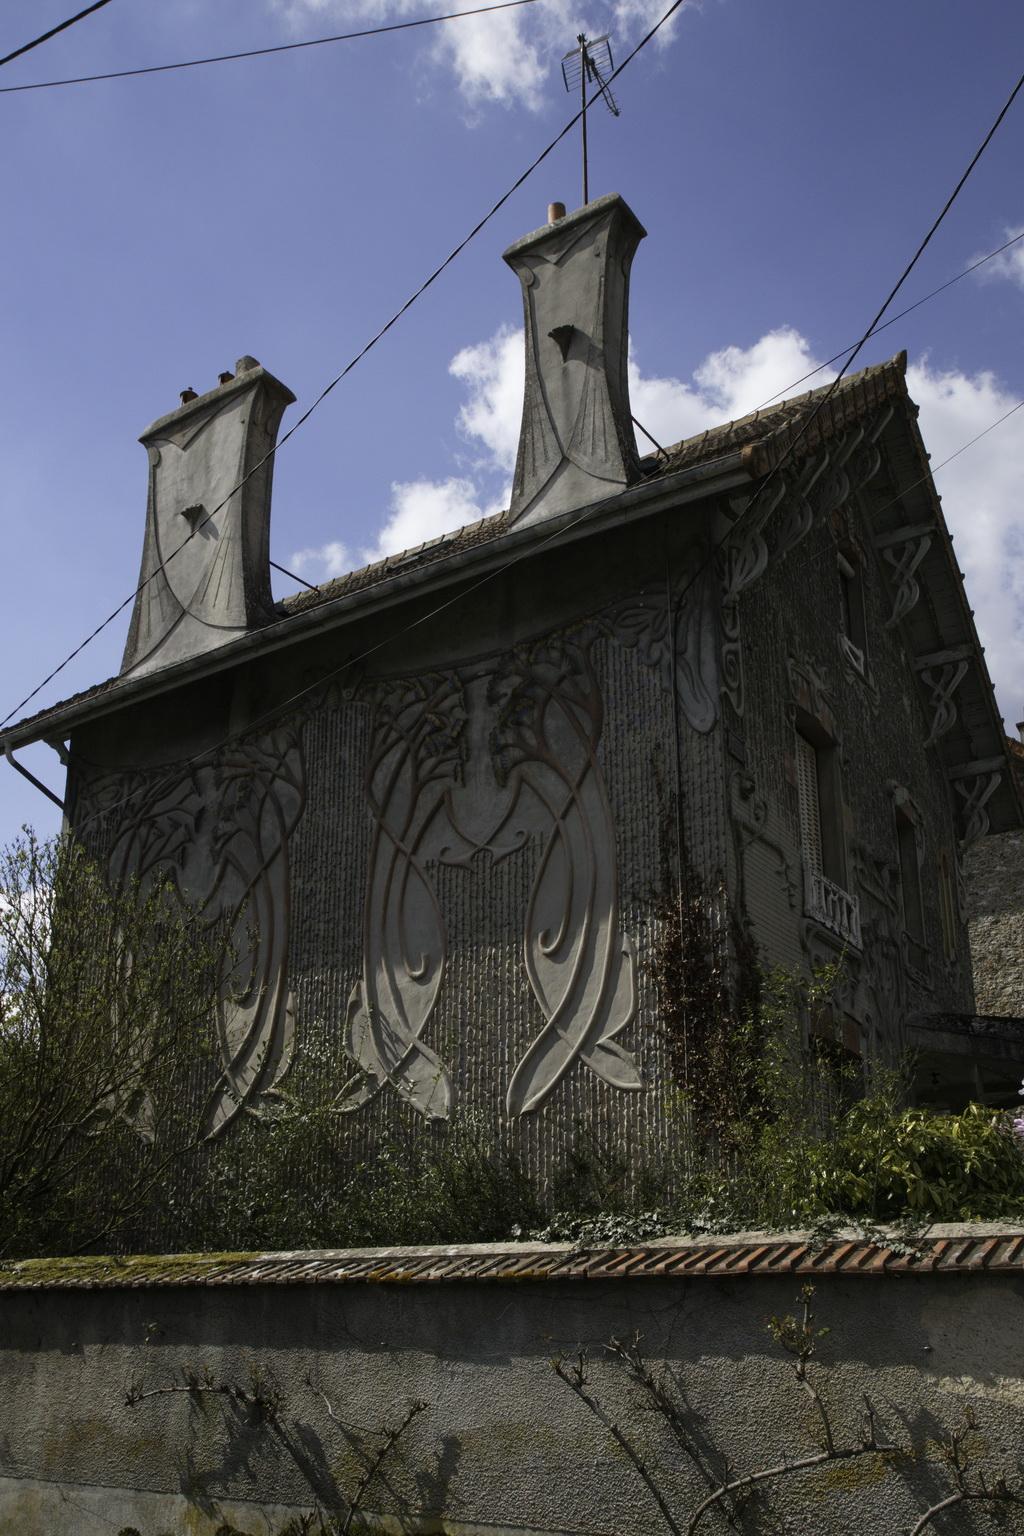 Jardin d'agrément dit maison Rustica par anonymous contributor